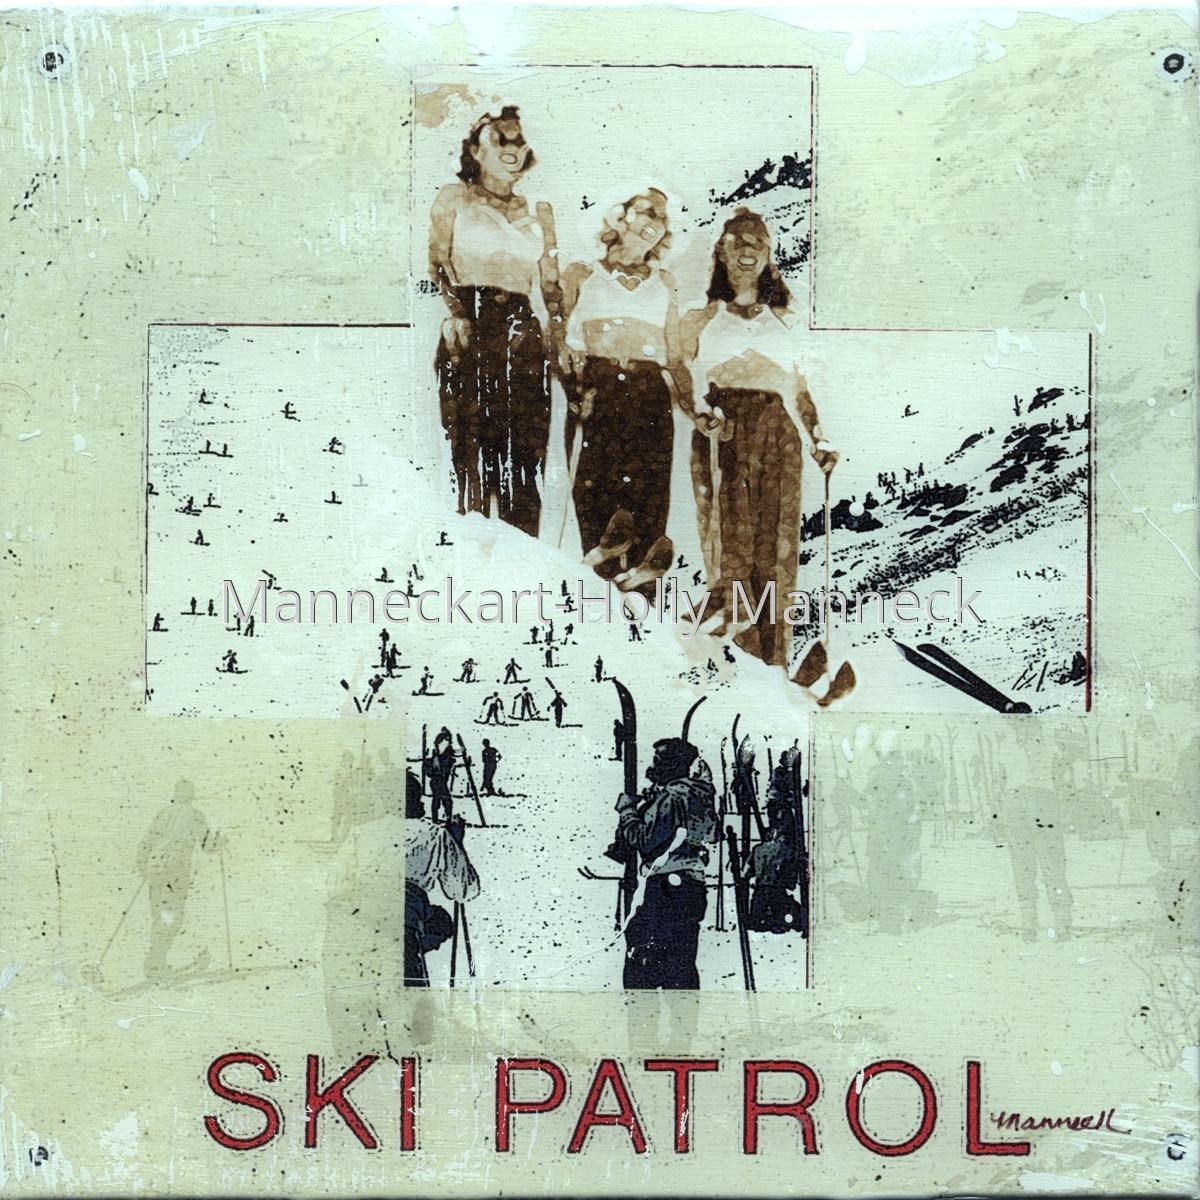 Patroling (large view)